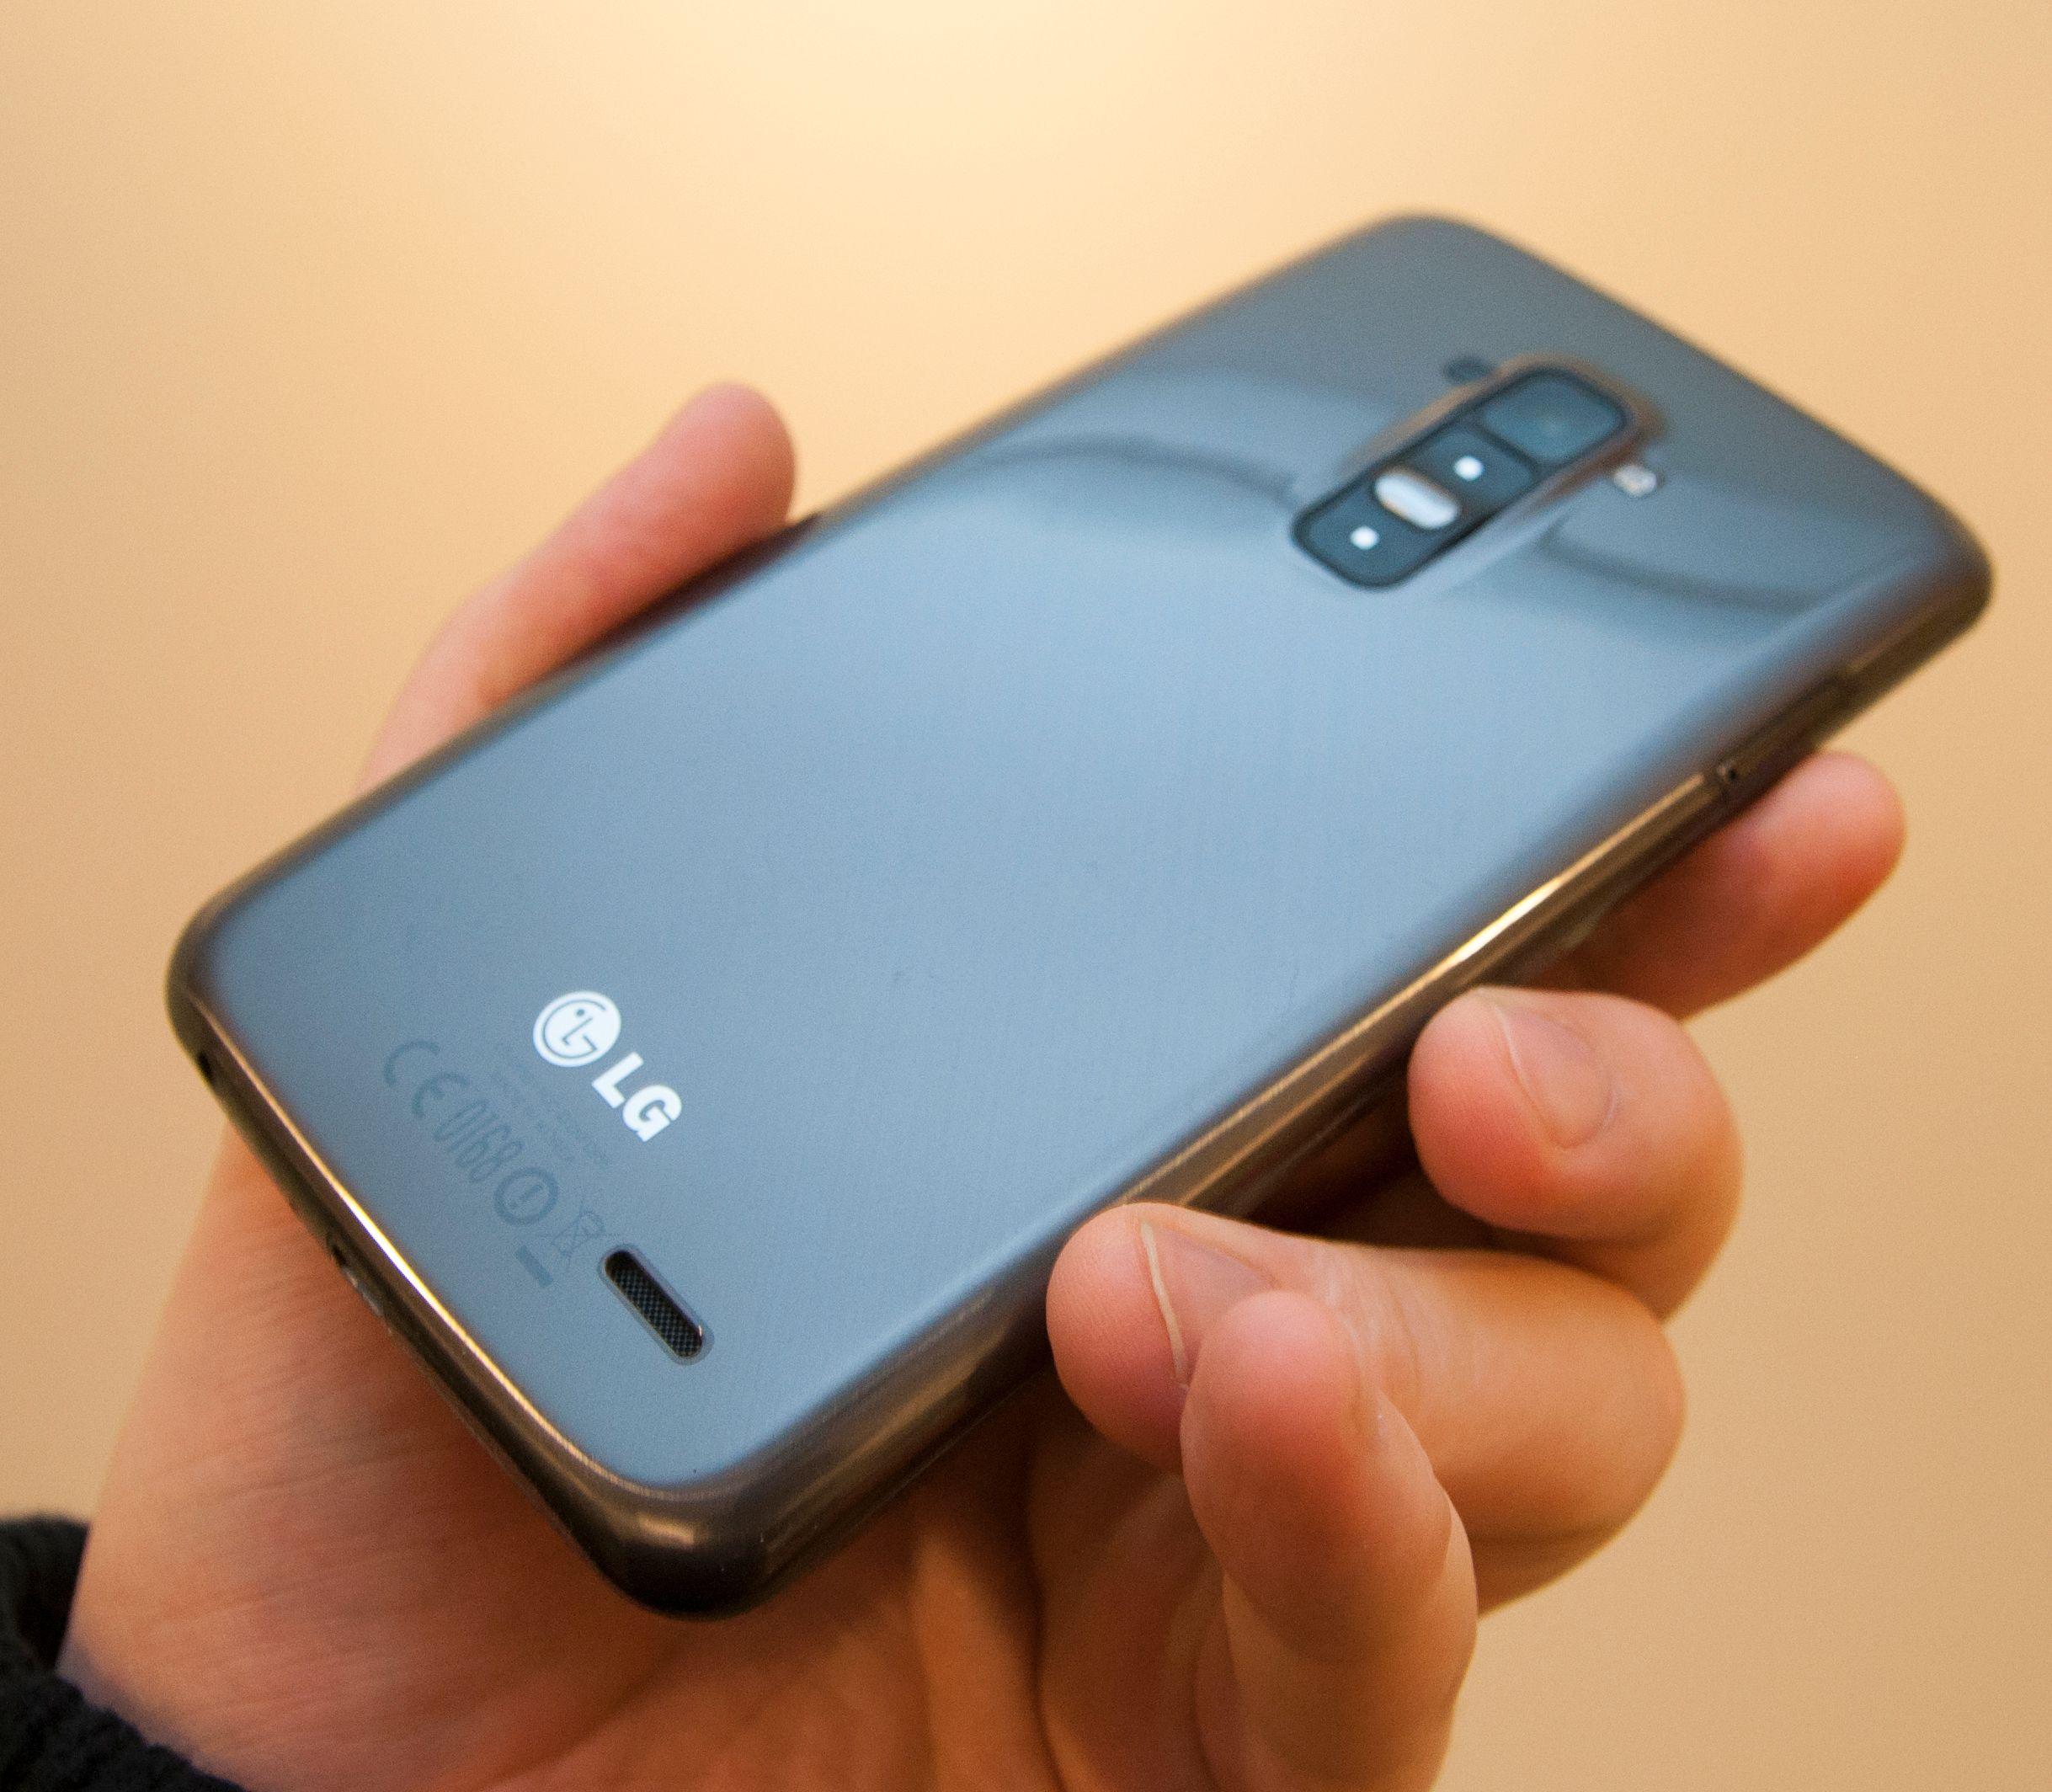 Slik ser LG G Flex ut på baksiden. Her har den lakk som skal være selvreparerende ved riper og skrap.Foto: Finn Jarle Kvalheim, Amobil.no